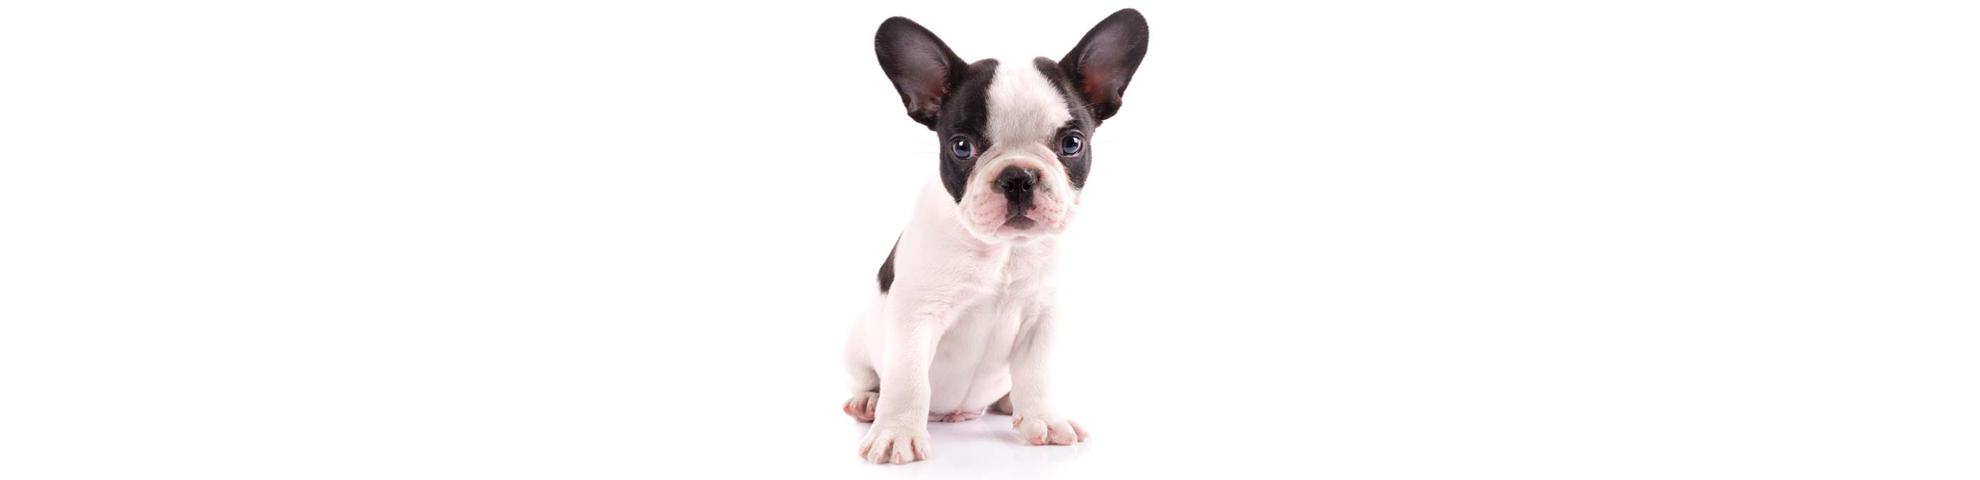 French Bulldog Shedding